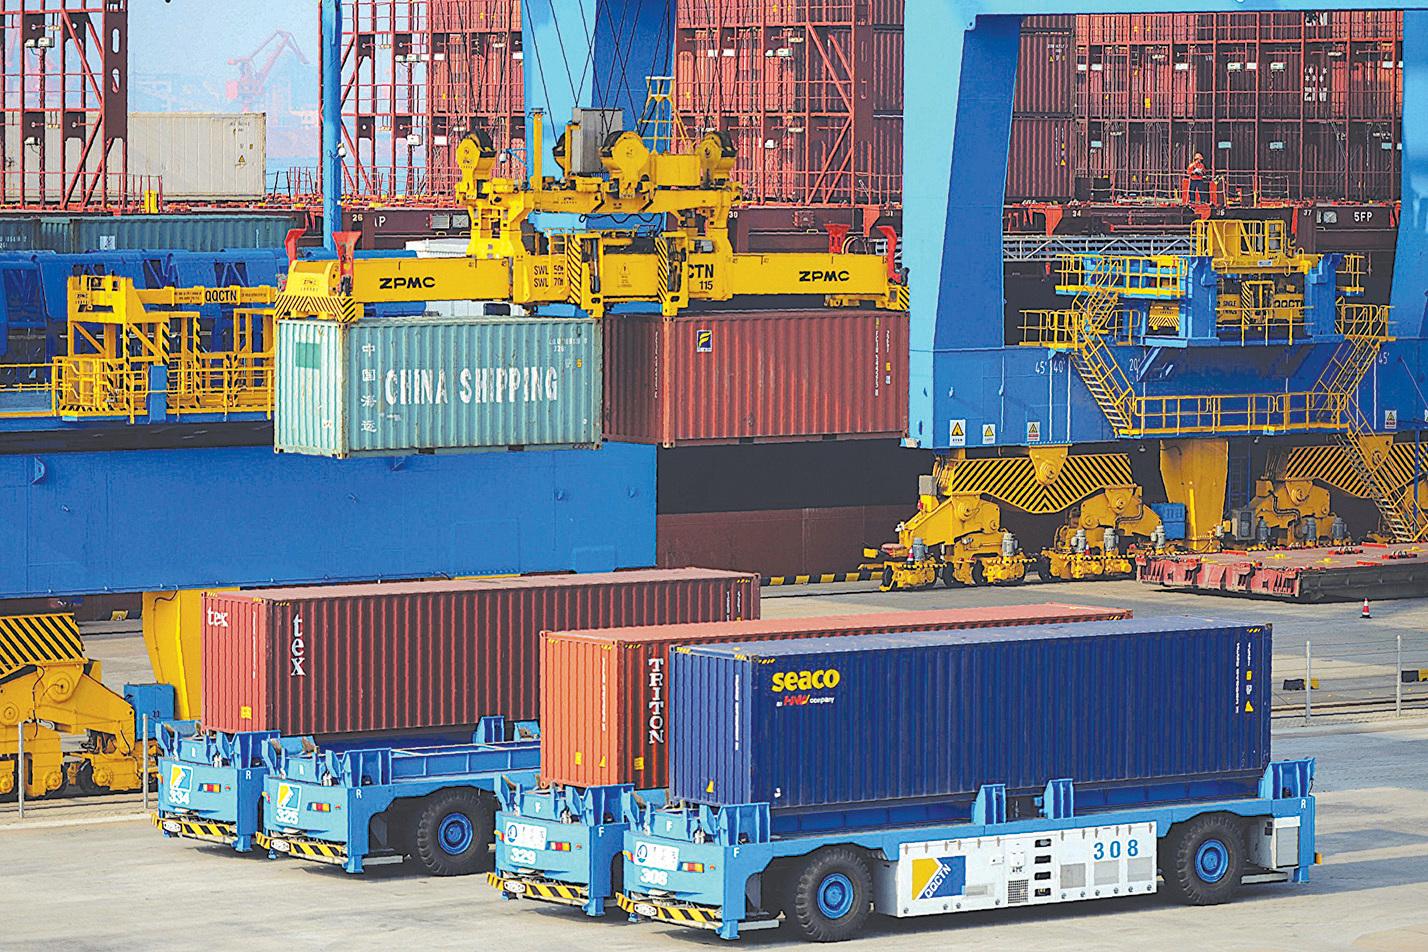 美國資深參議員格雷厄姆說,貿易戰目標是讓中共停止欺騙美國,並遵守世界上其他人所遵守的規則。圖為青島一港口。(Getty Images)